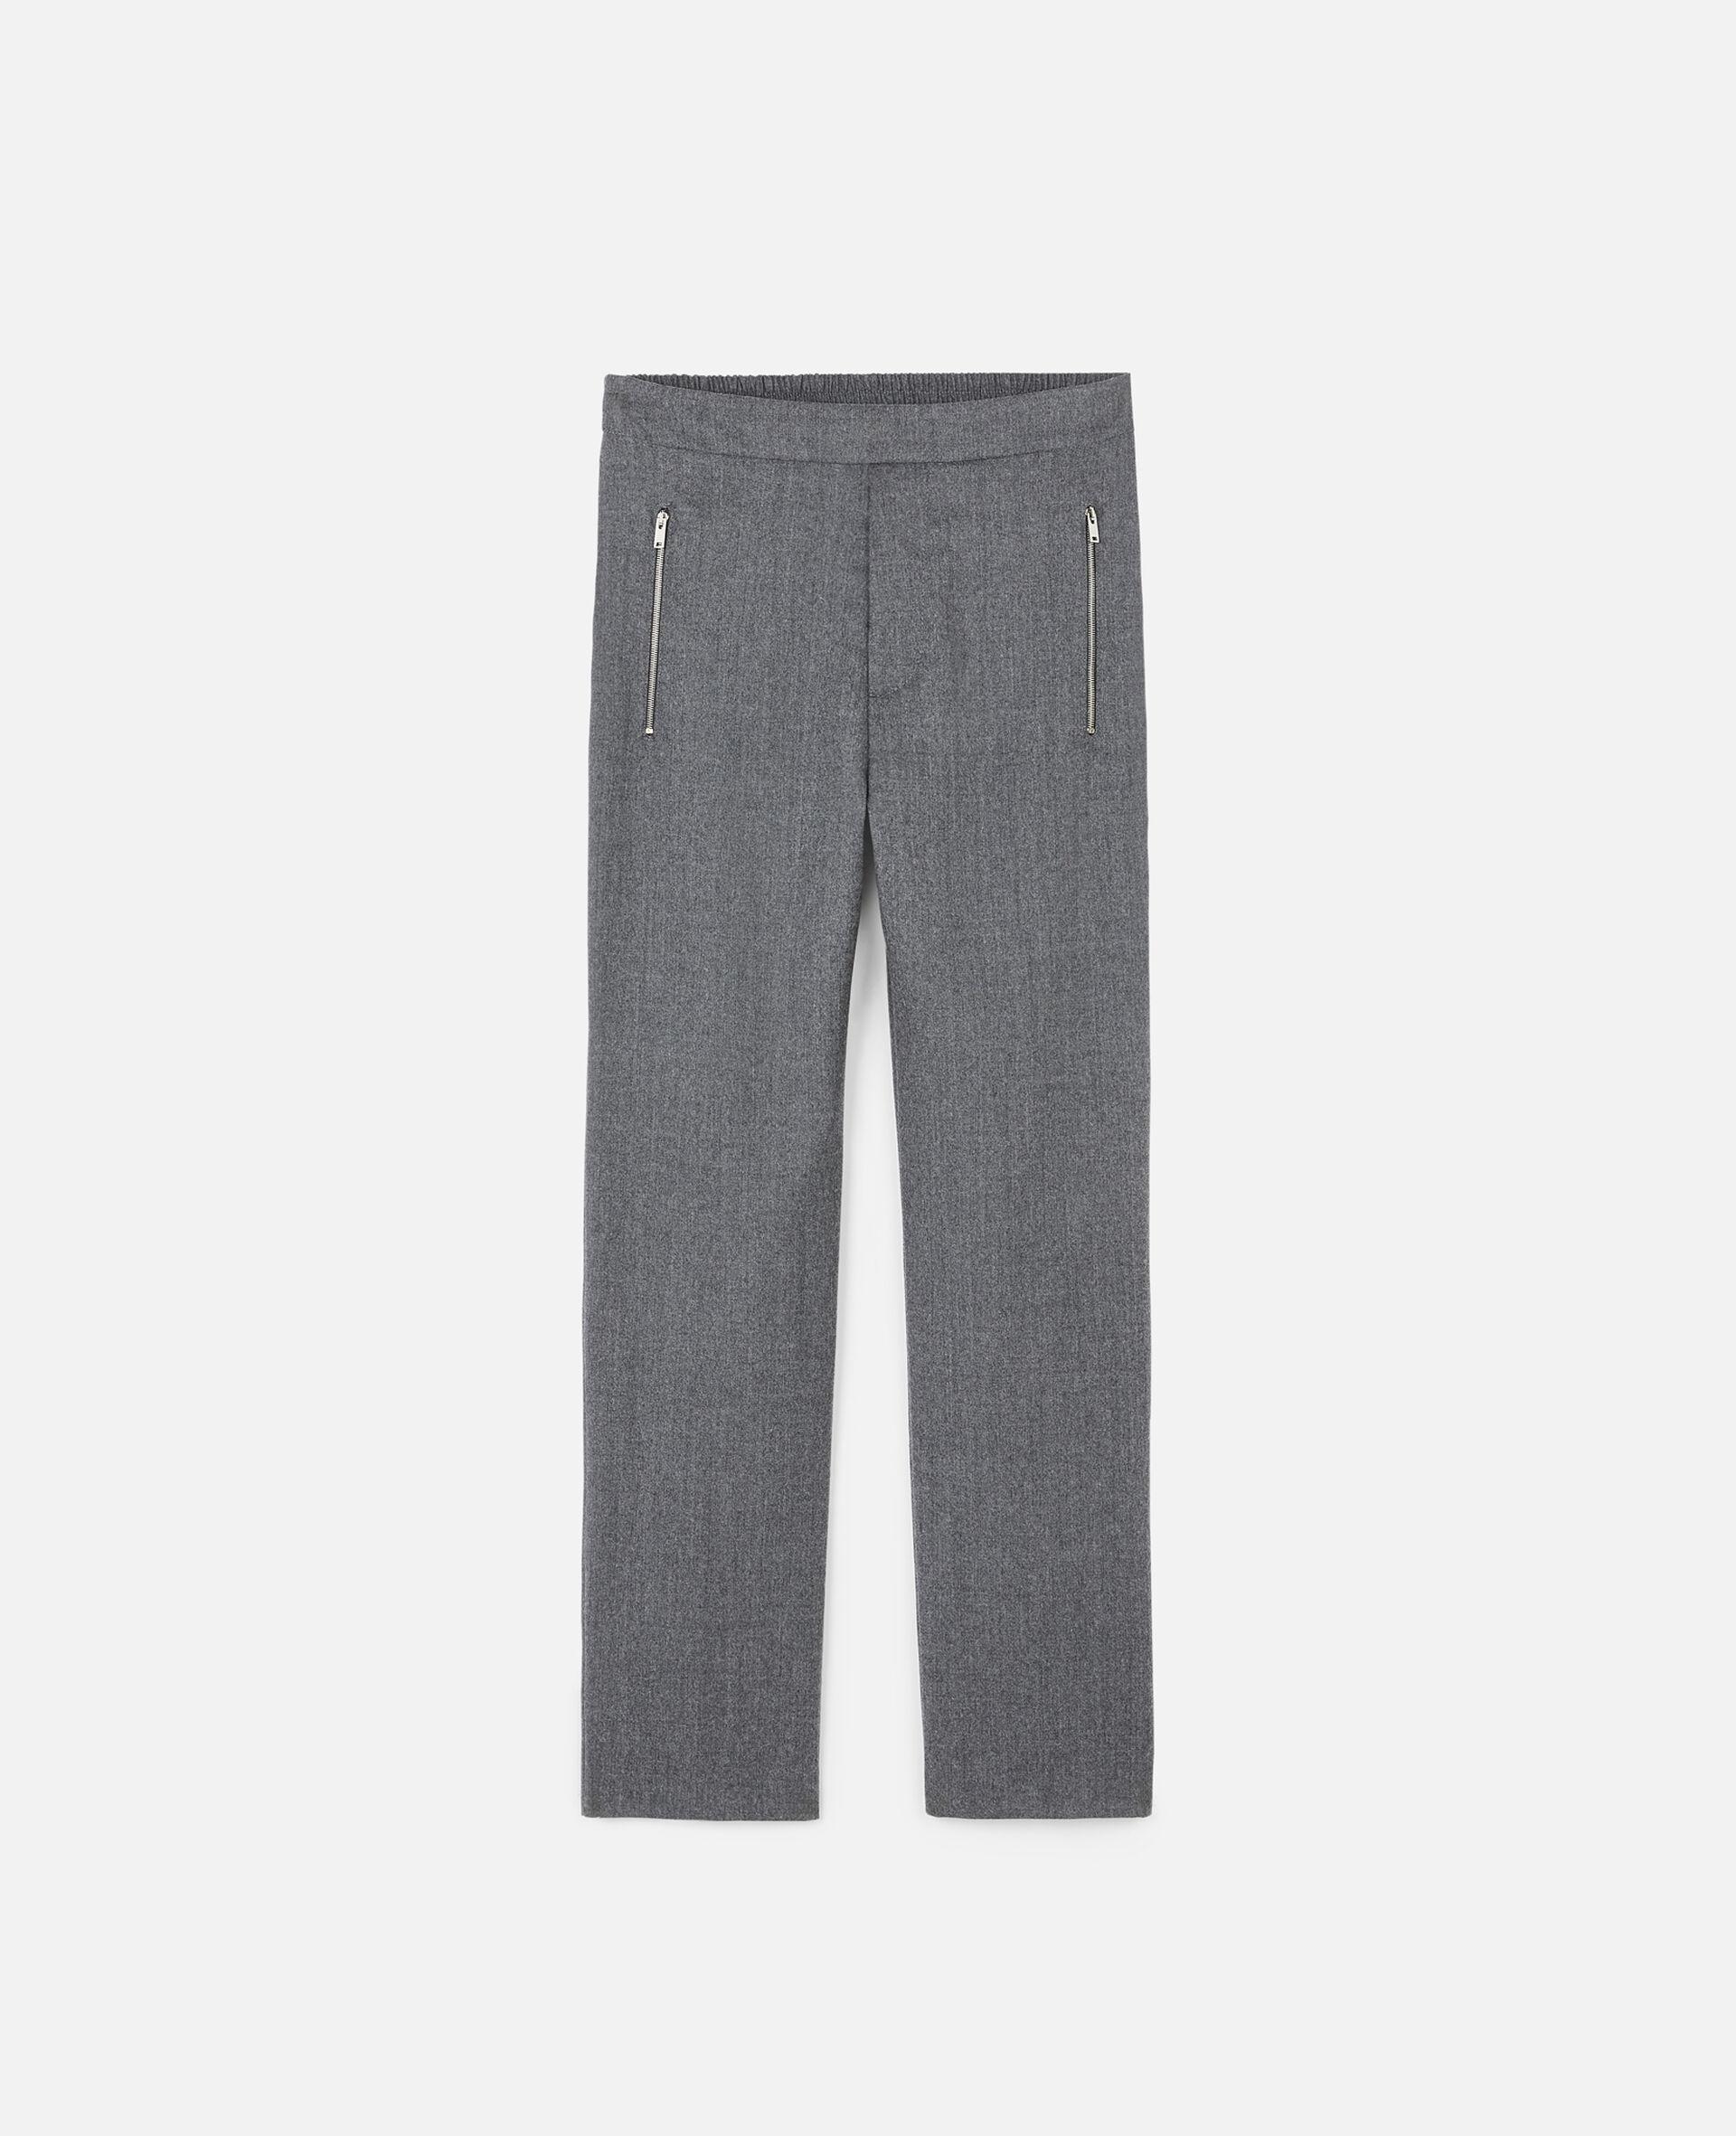 Pantalon Claire ajusté-Gris-large image number 0